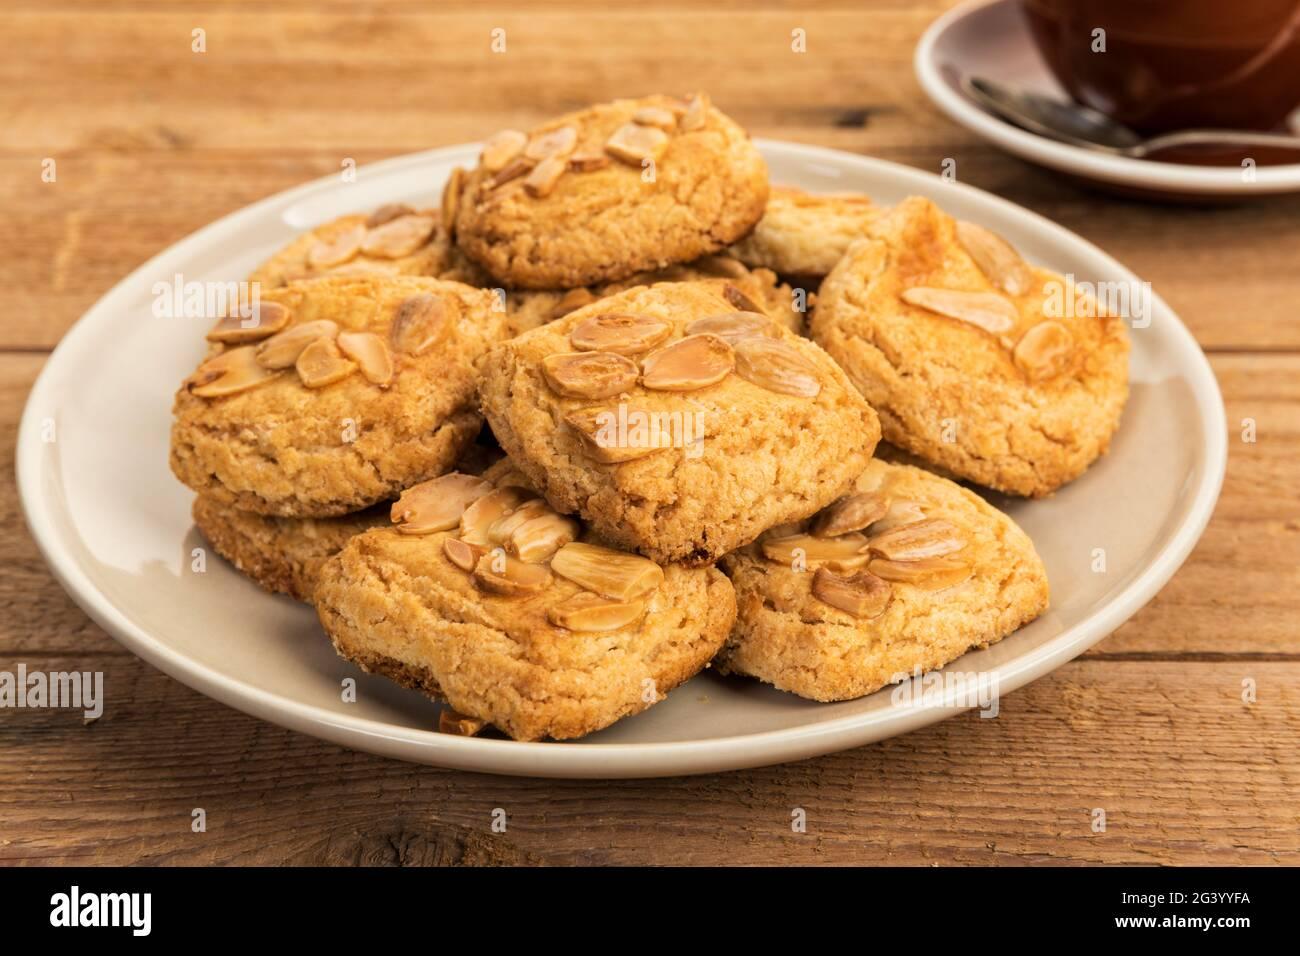 Biscuits Almendrados espagnols aux amandes sur une assiette, sur une table à café rustique Banque D'Images